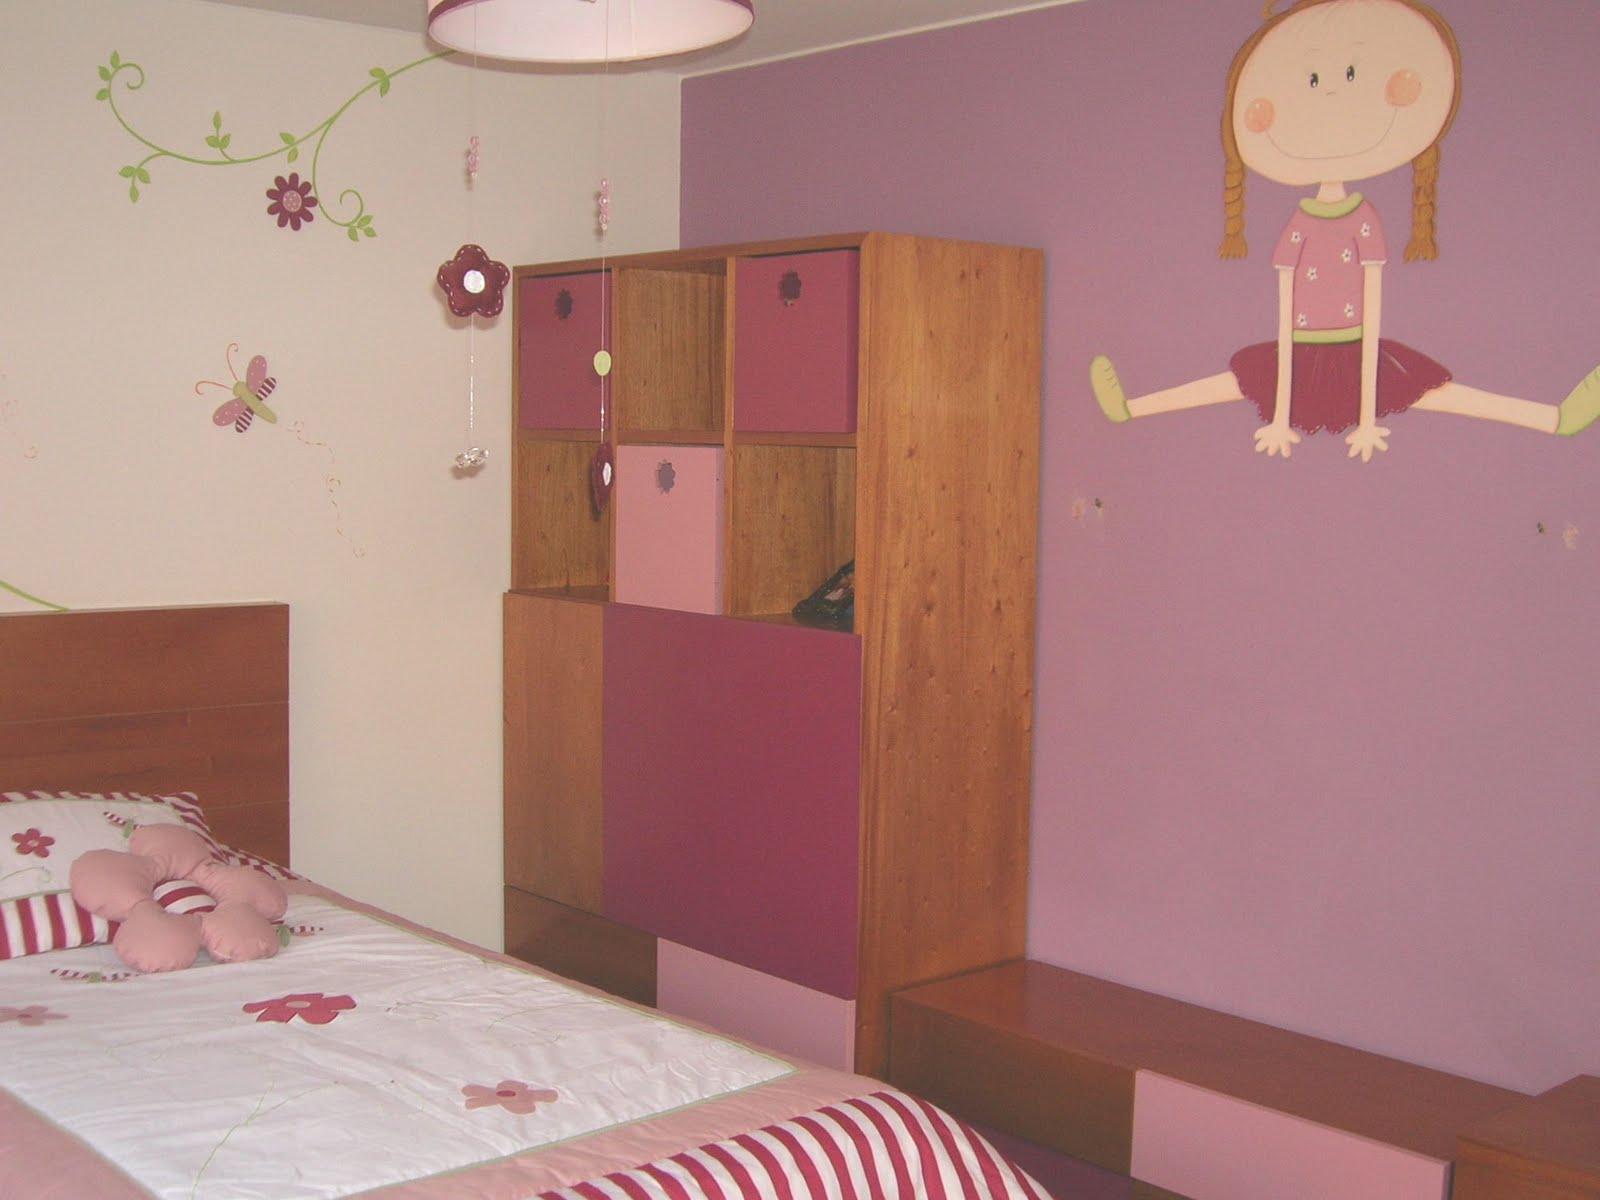 Dise o de interiores dormitorios infantiles ni as - Lamparas habitaciones infantiles ...